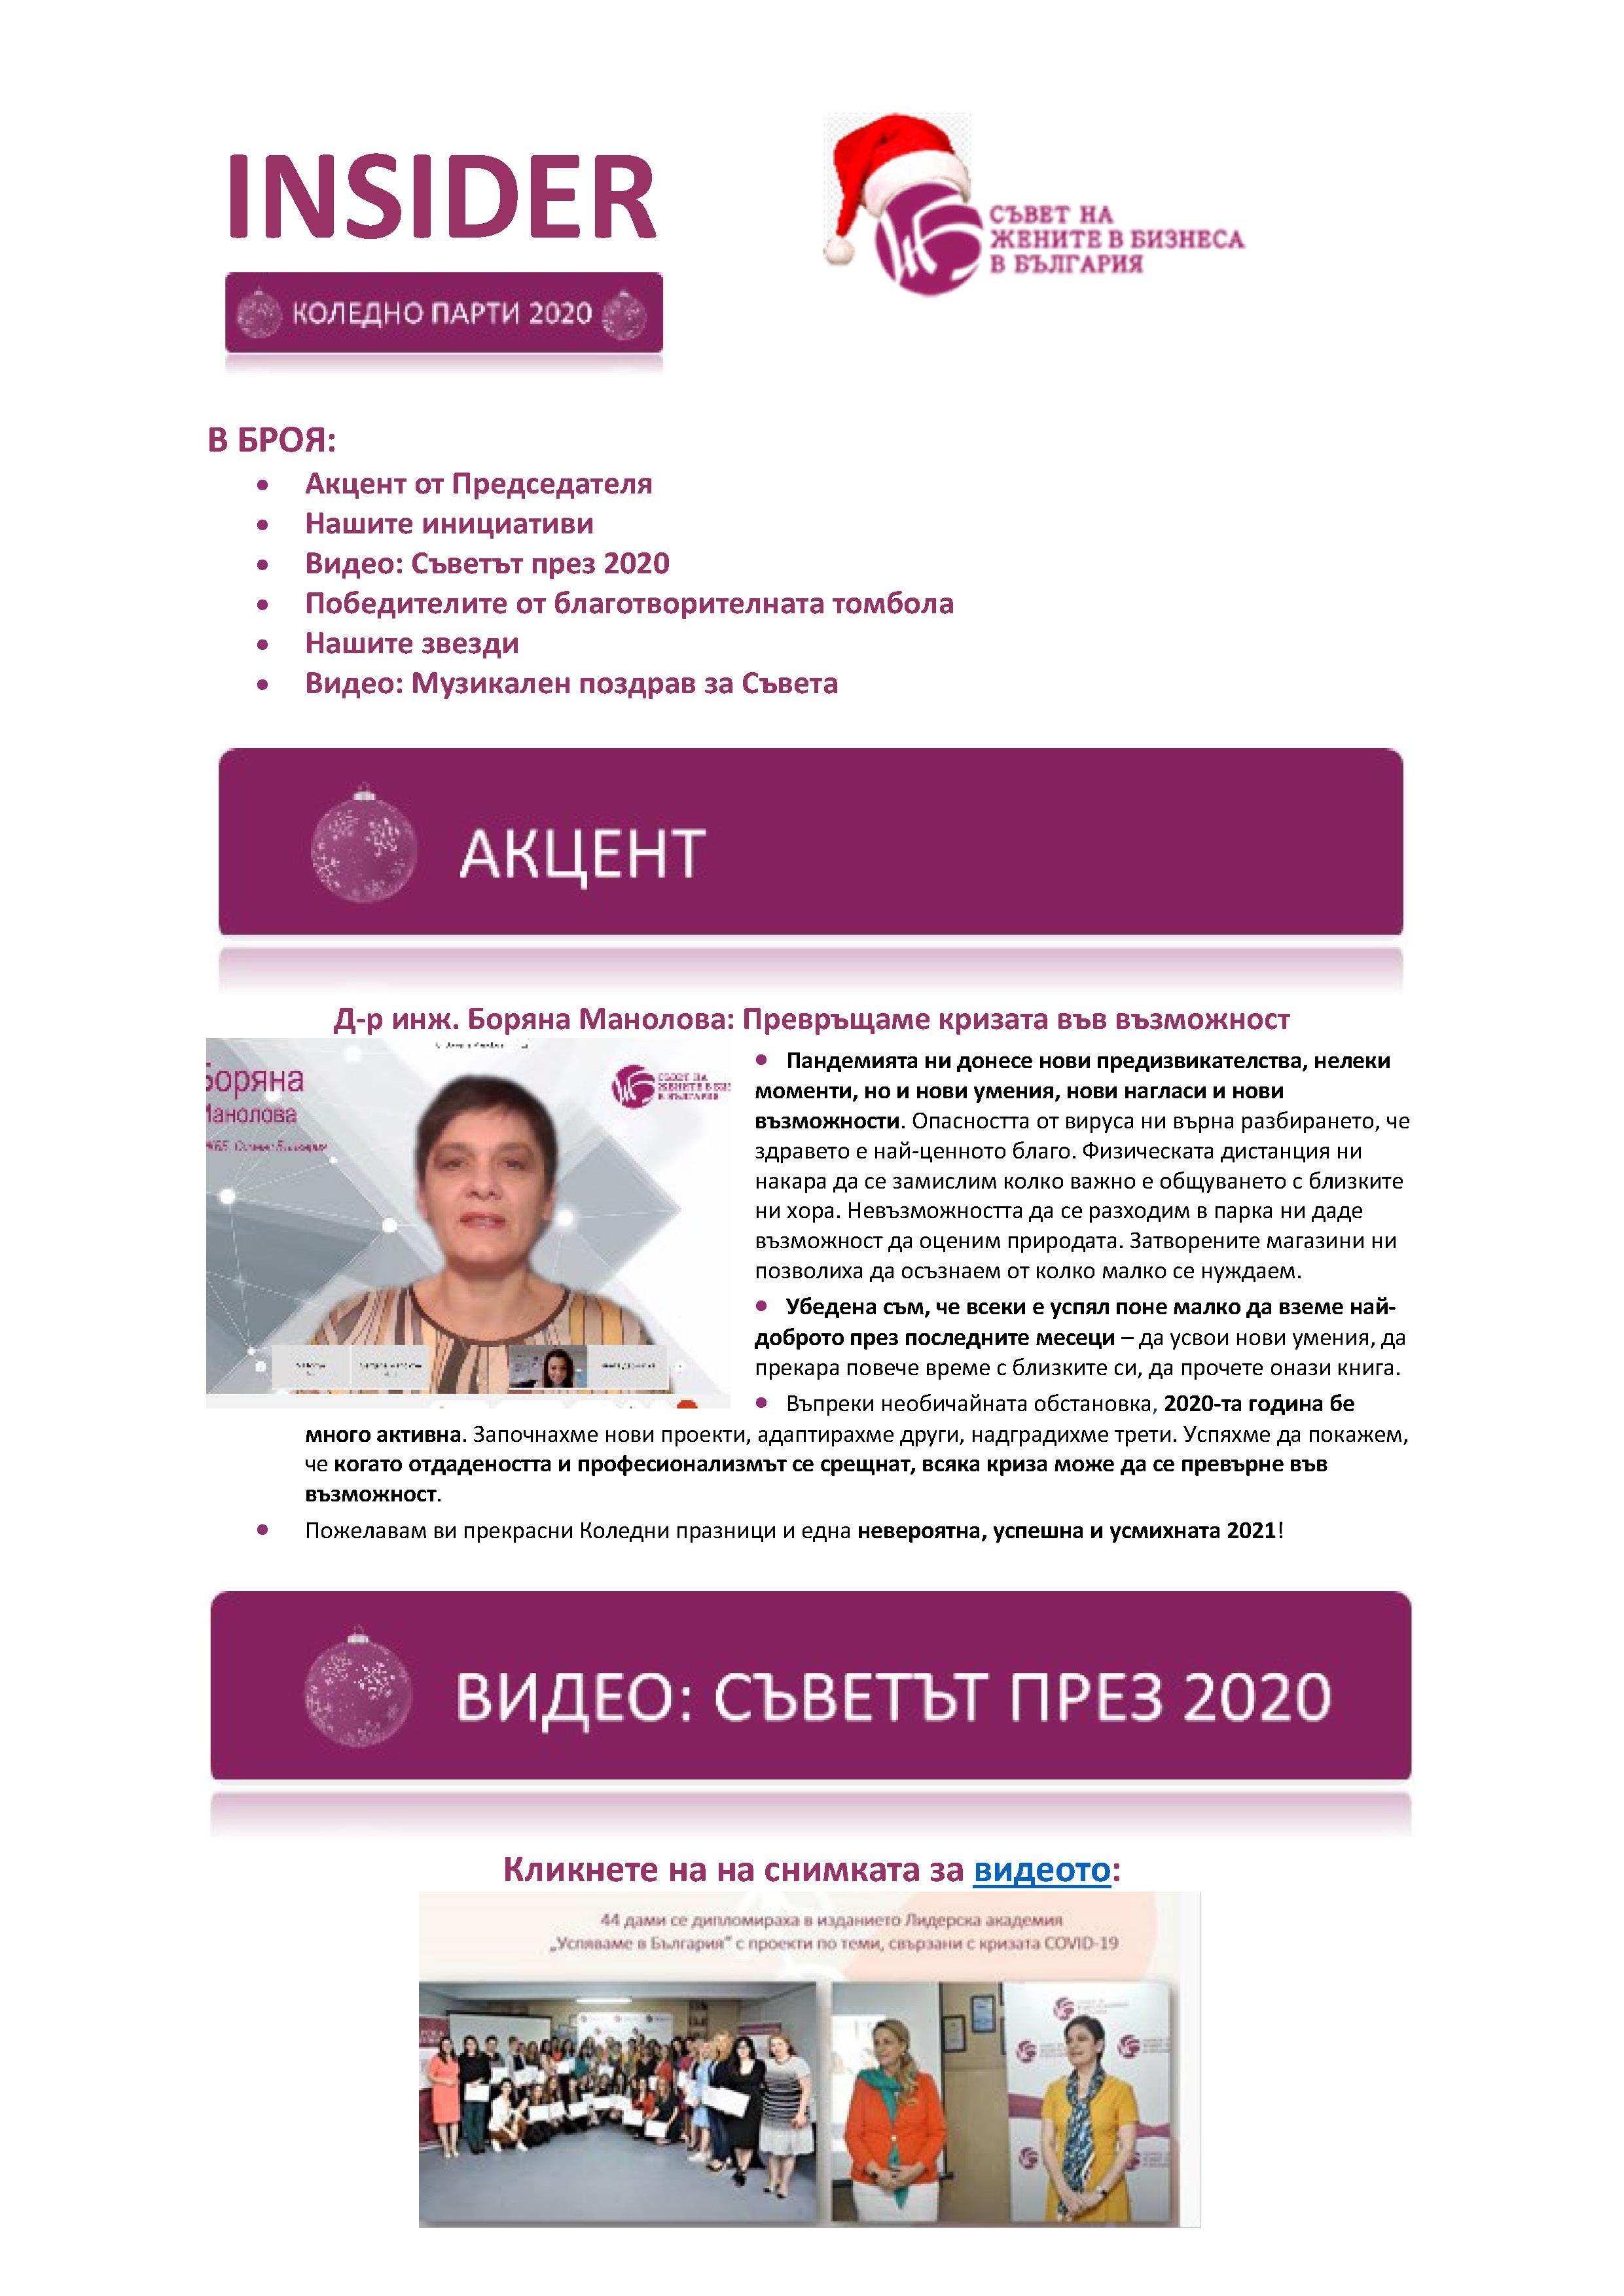 Insider 2020 (1)